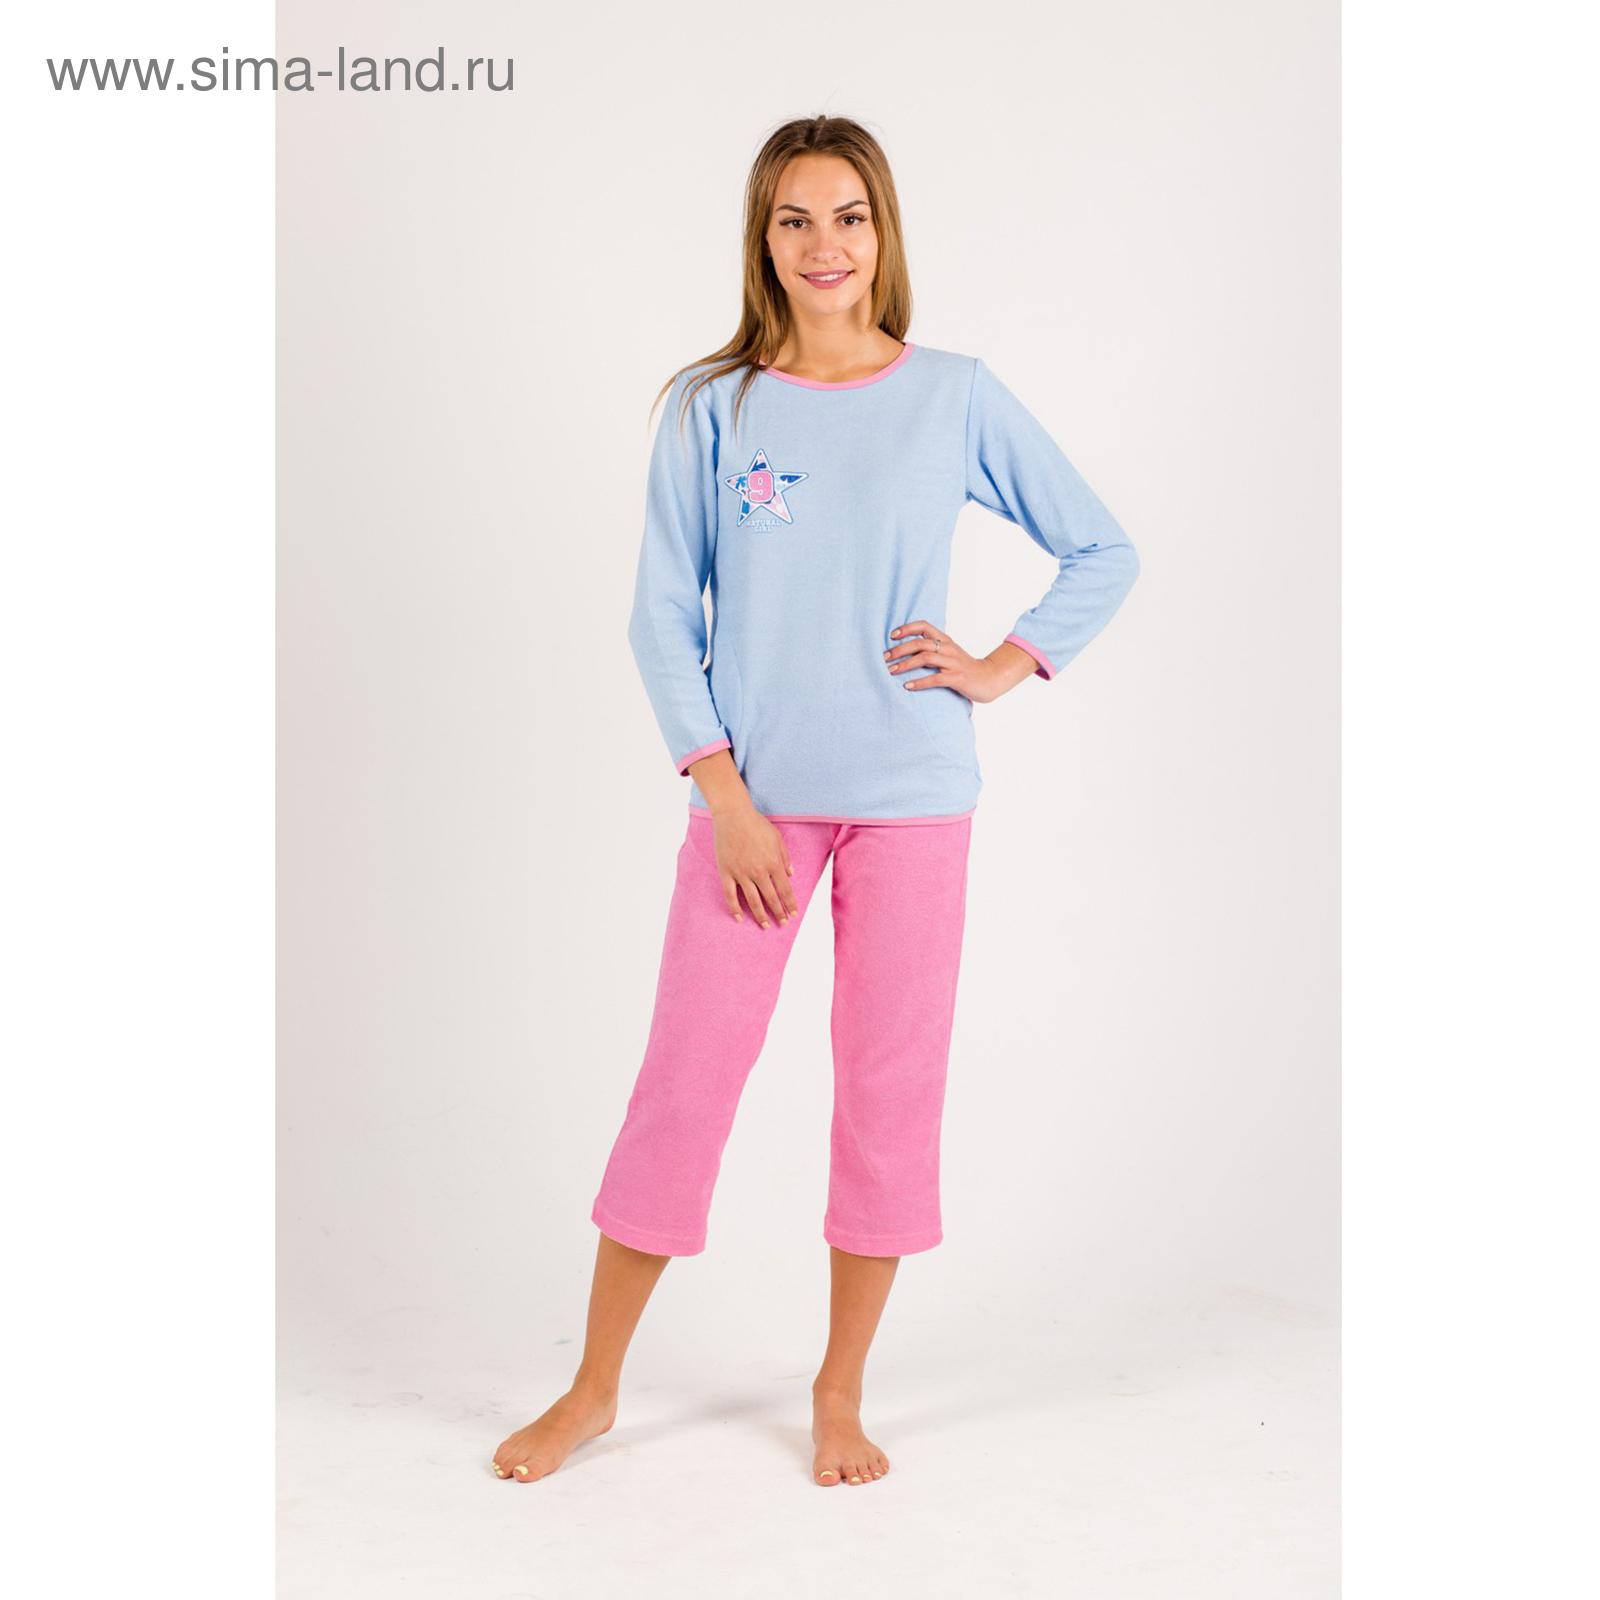 fbf2b22c8371ffb Пижама женская (джемпер, бриджи) Анаис цвет розовый/голубой, р-р 52 ...